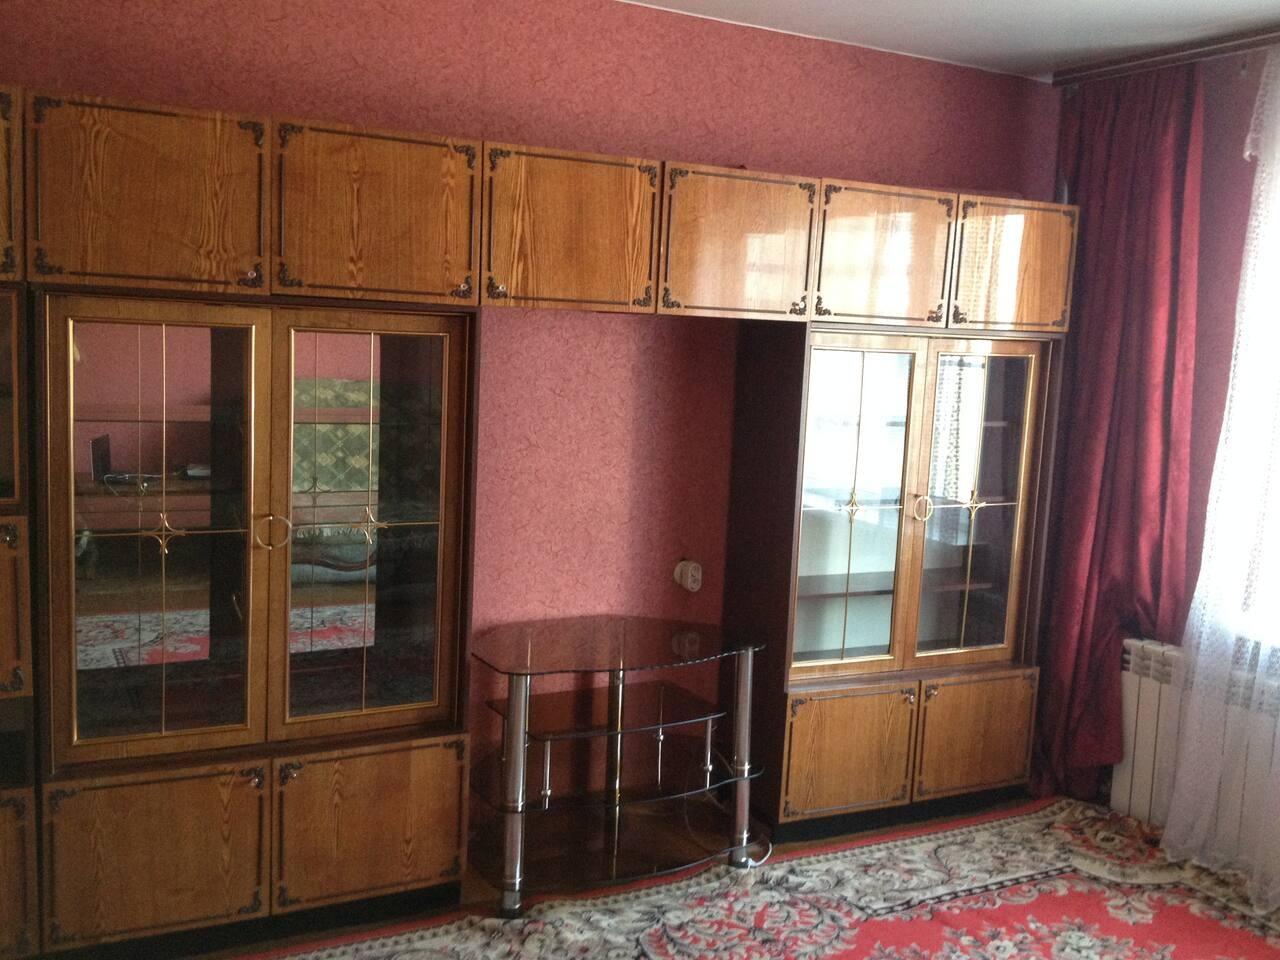 Квартира, 1 комната, 38 м² в Долгопрудном 89164047250 купить 2